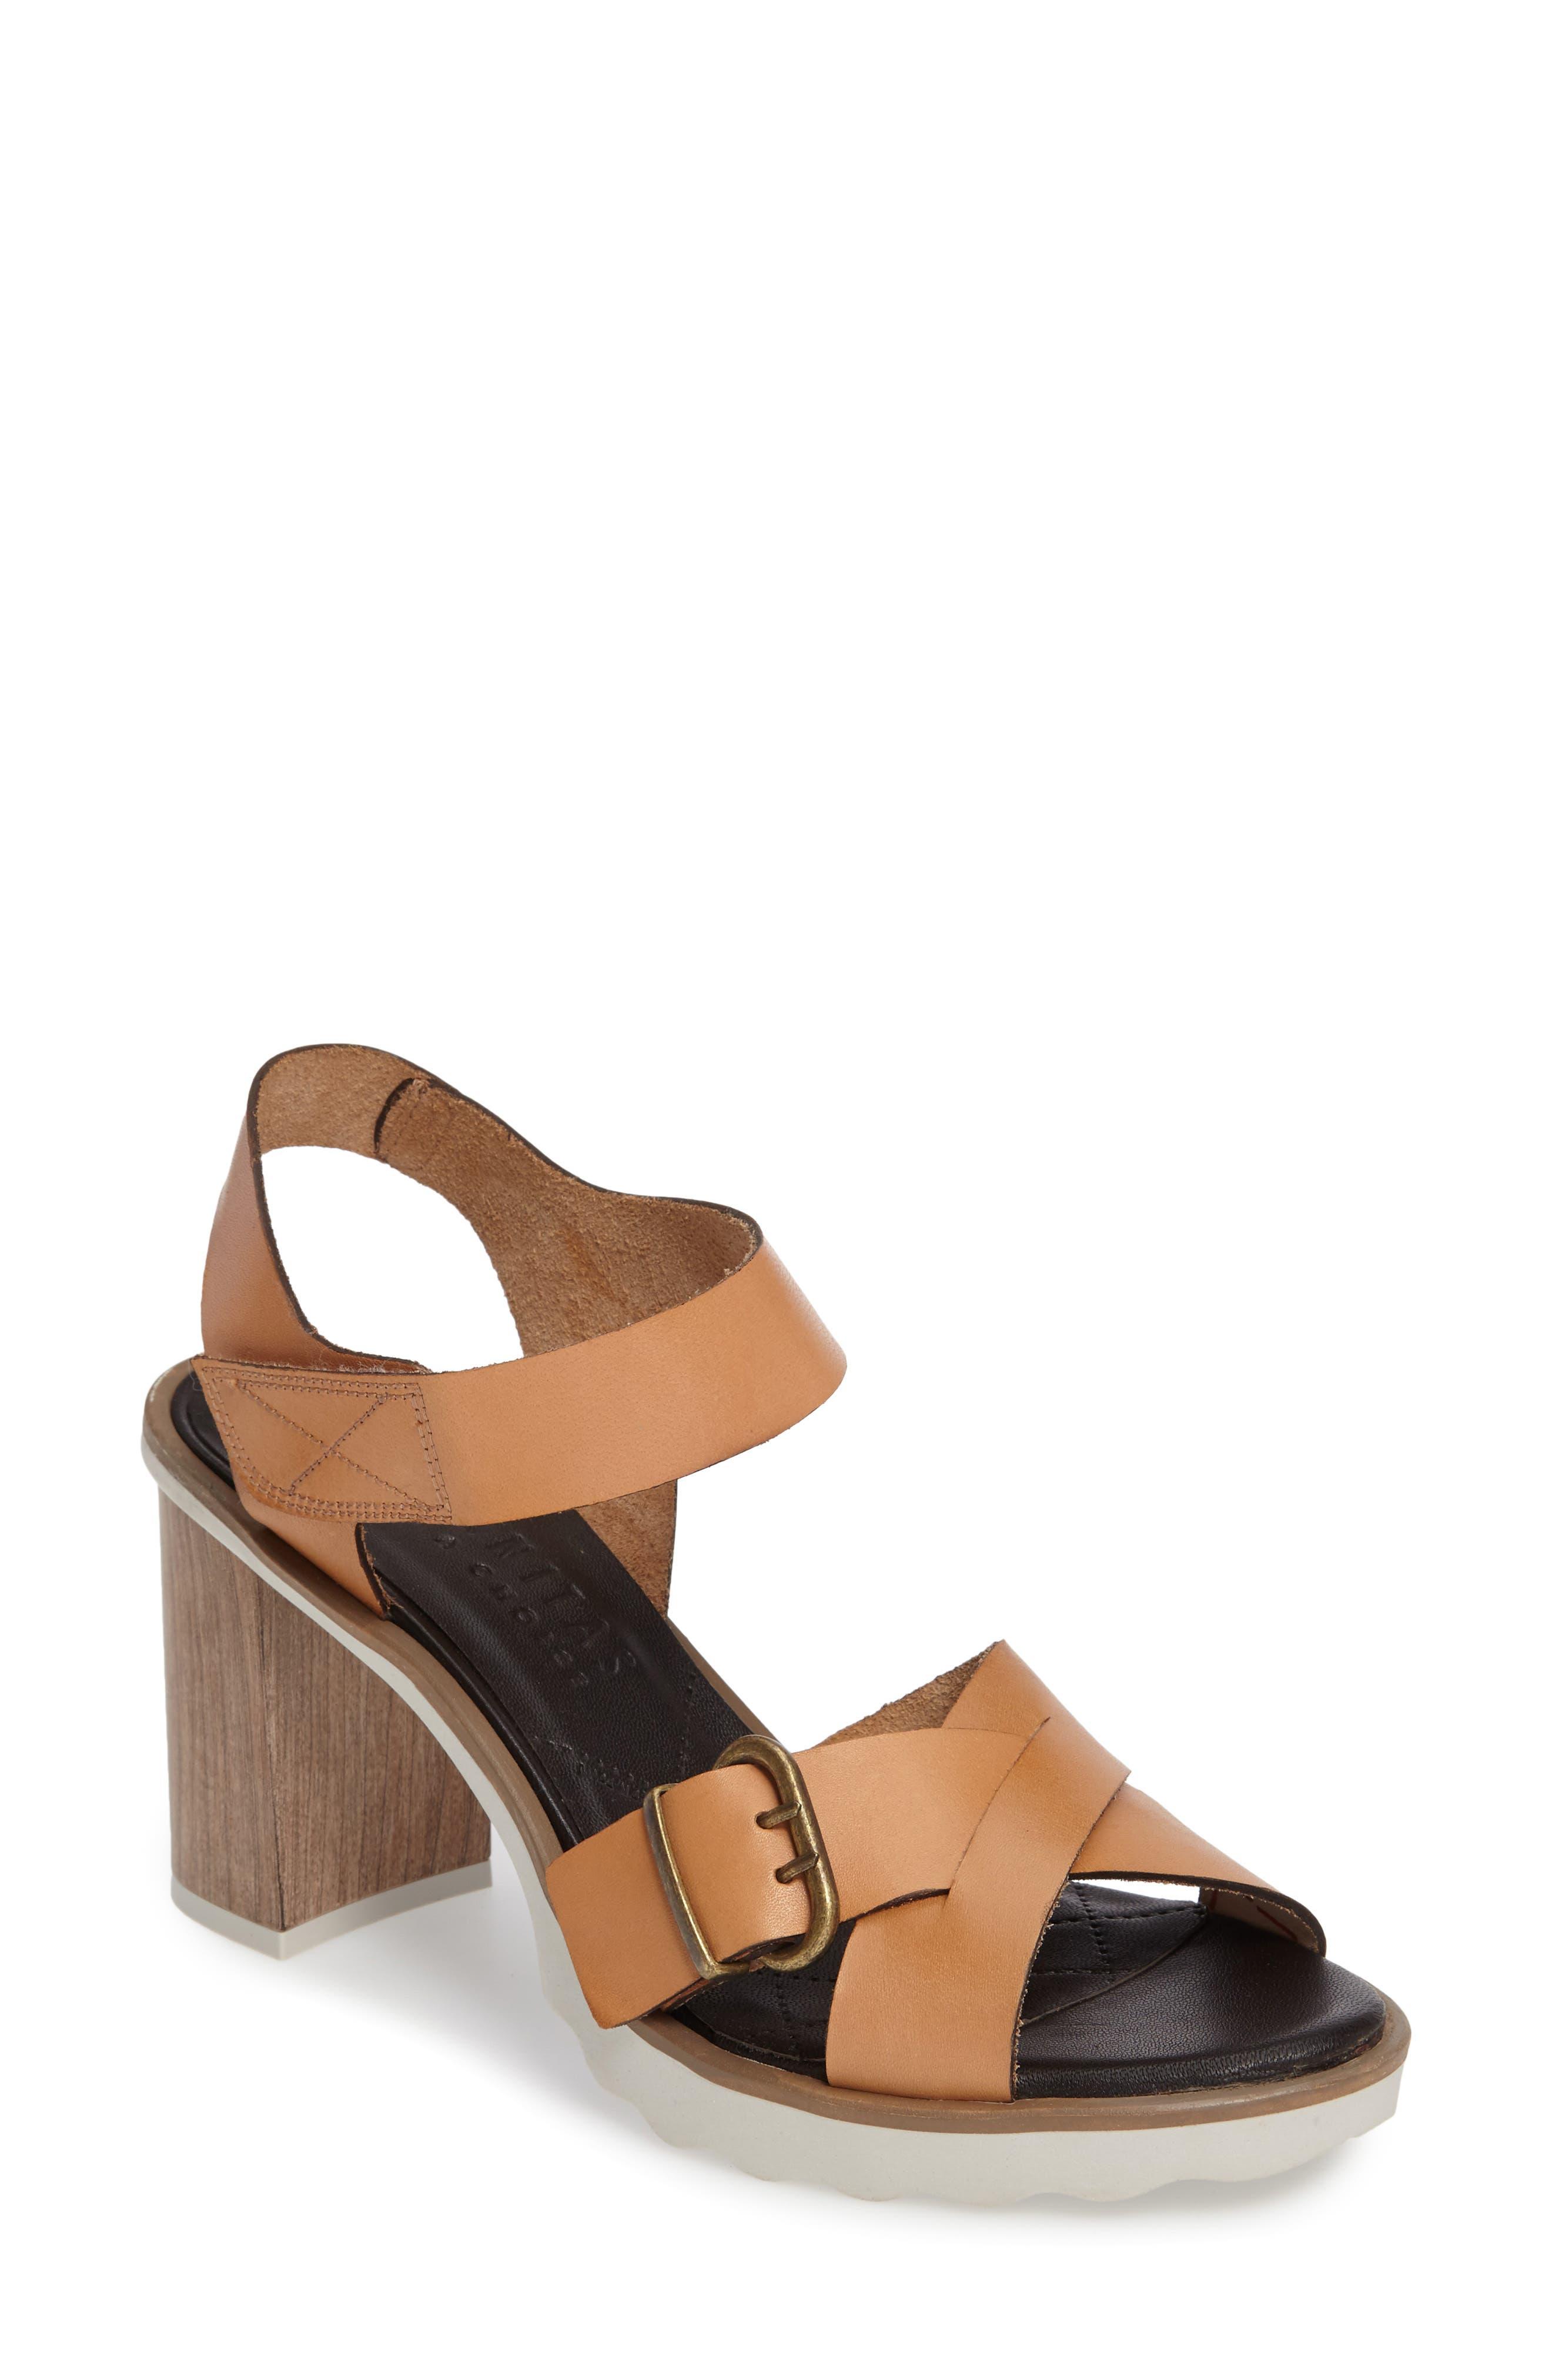 HISPANITAS Gig Strappy Block Heel Sandal